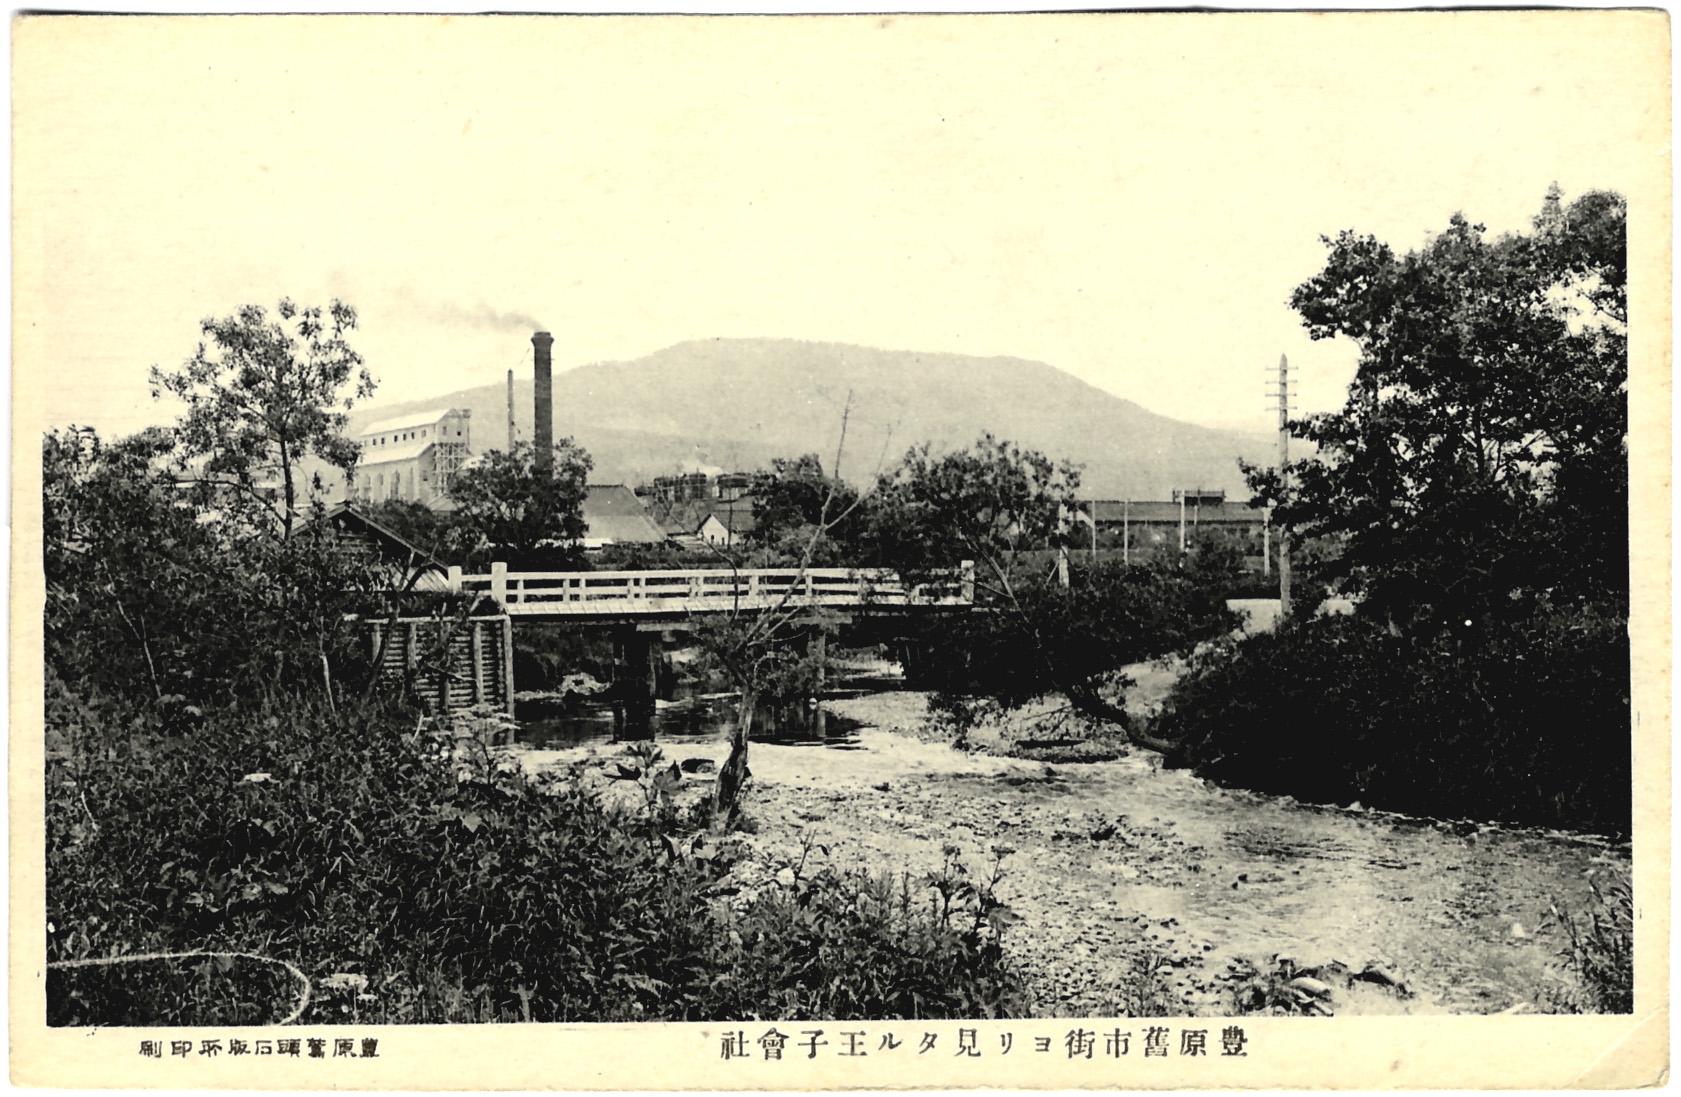 Вид на целлюлозно-бумажную фабрику Одзи. На переднем плане мост Тамагава-баси